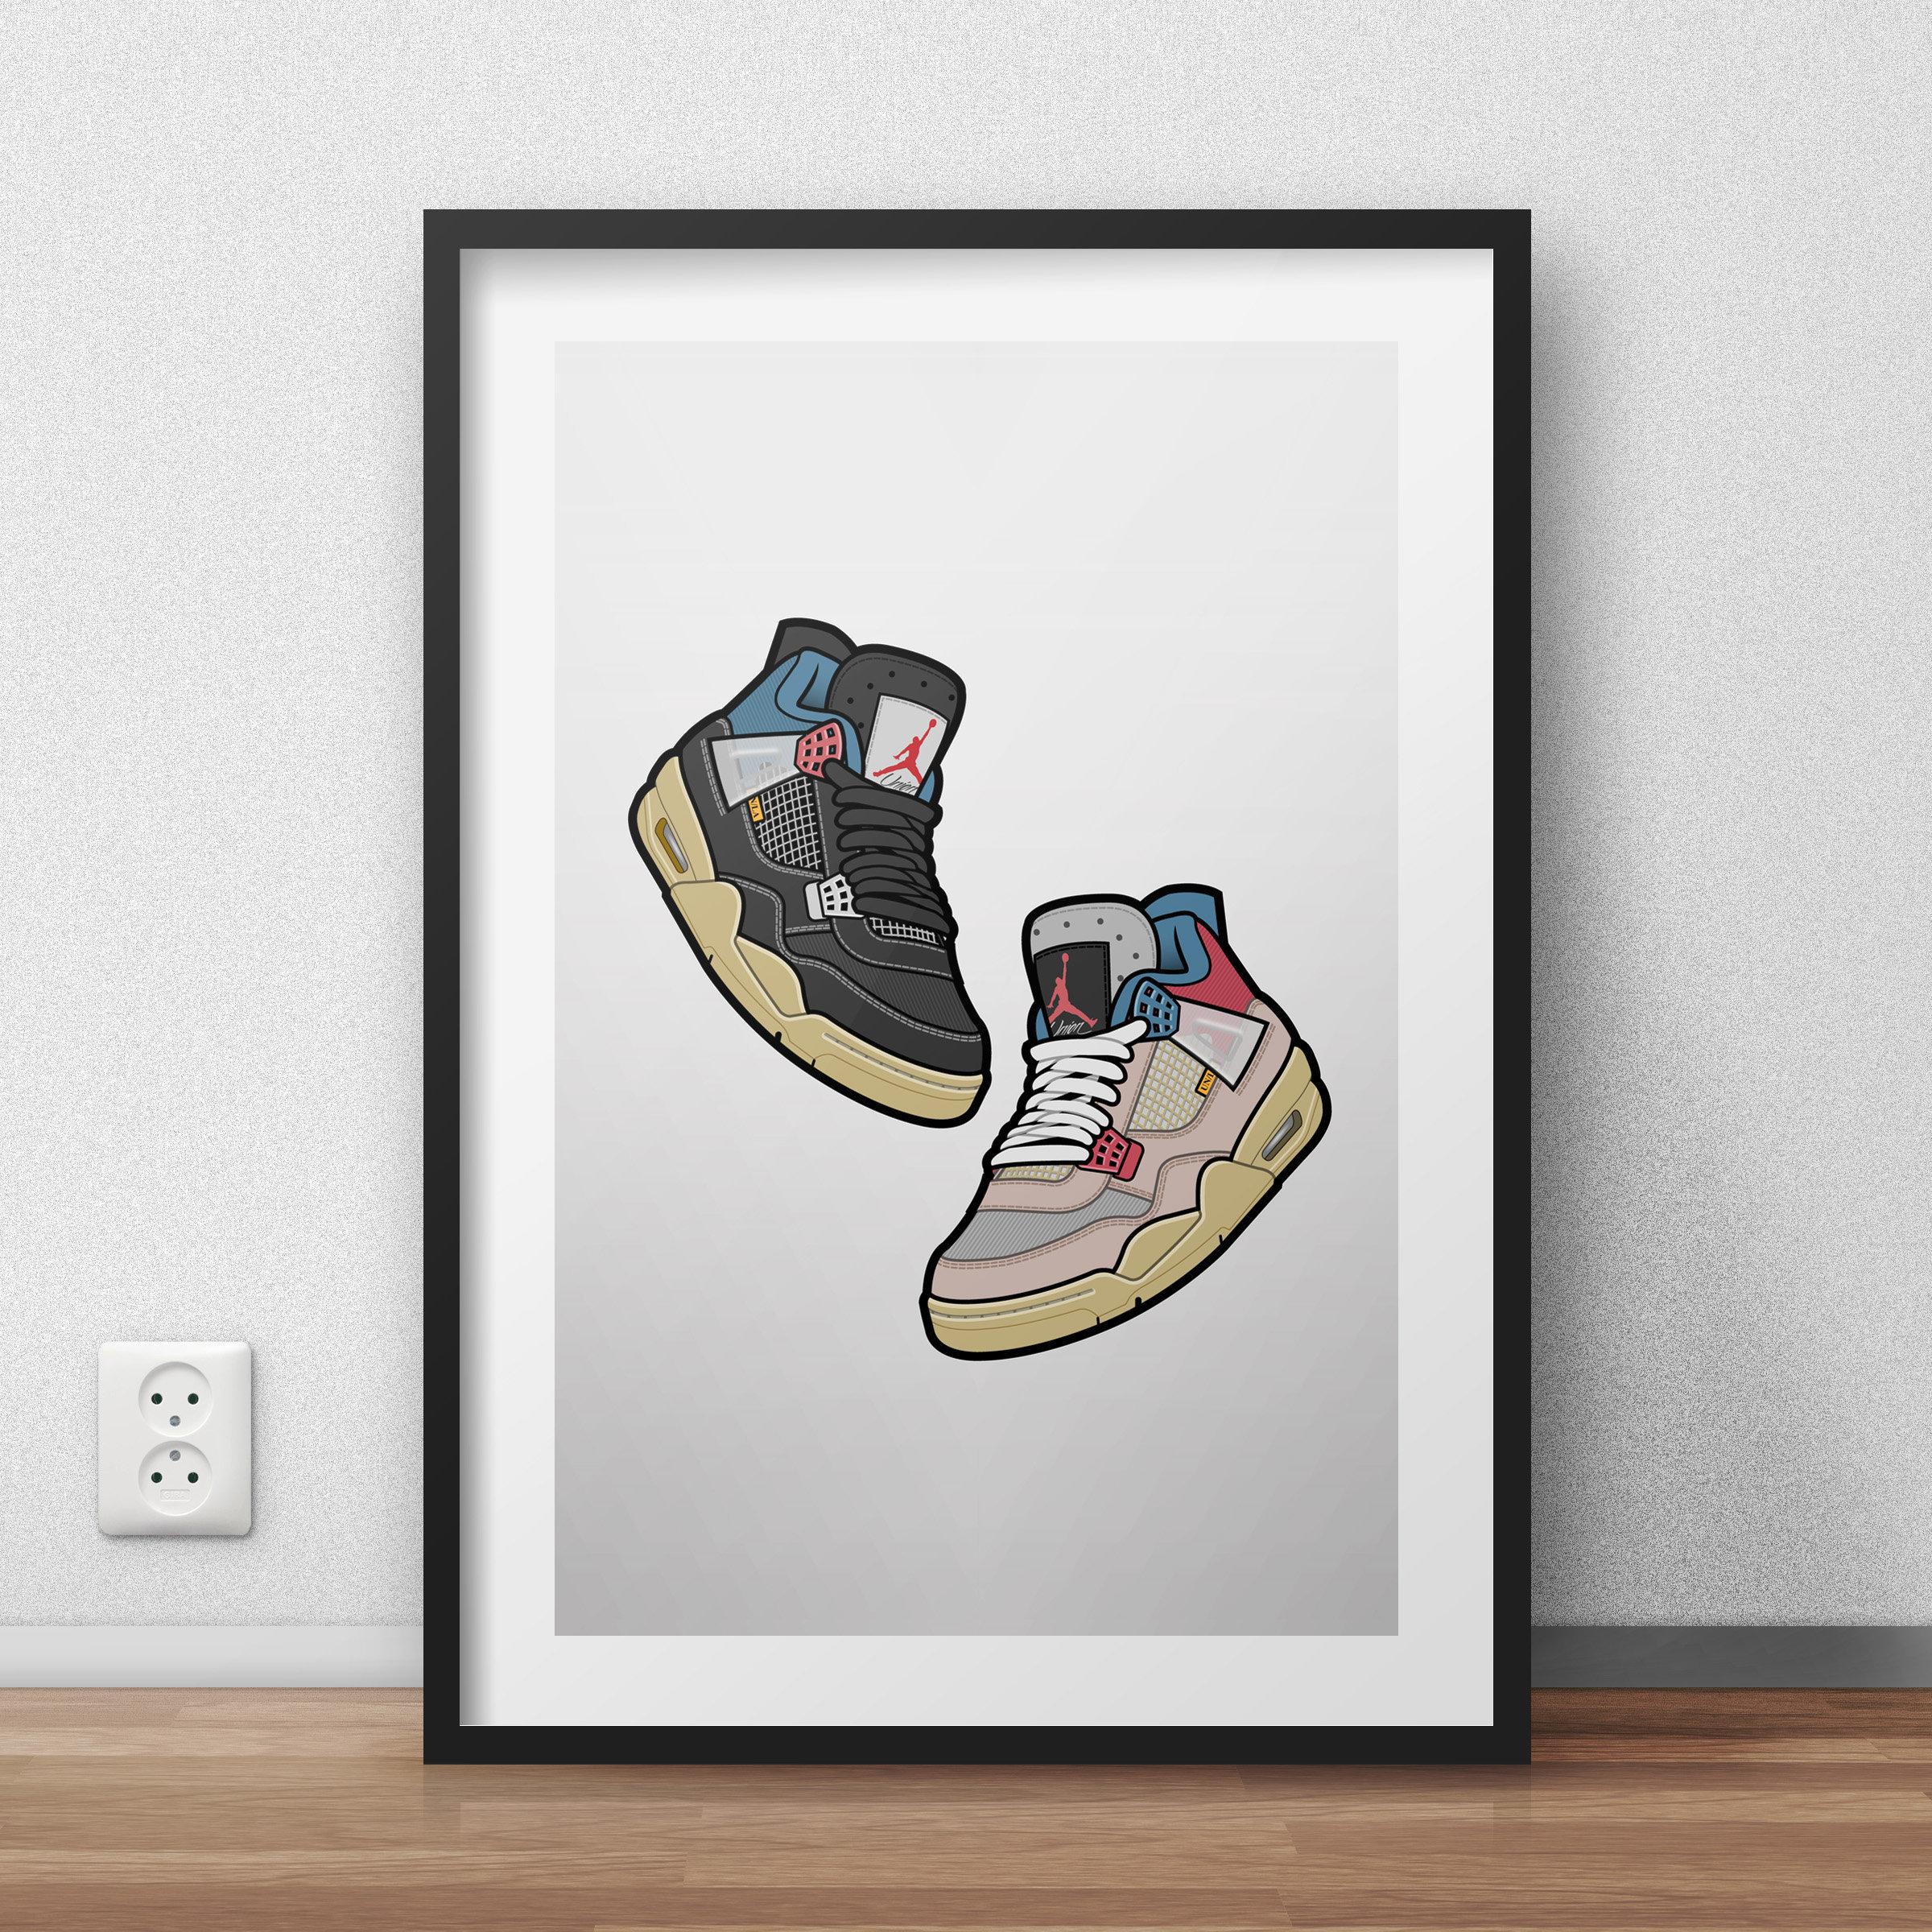 Digital download - Air Jordan 4 Union floating duo poster